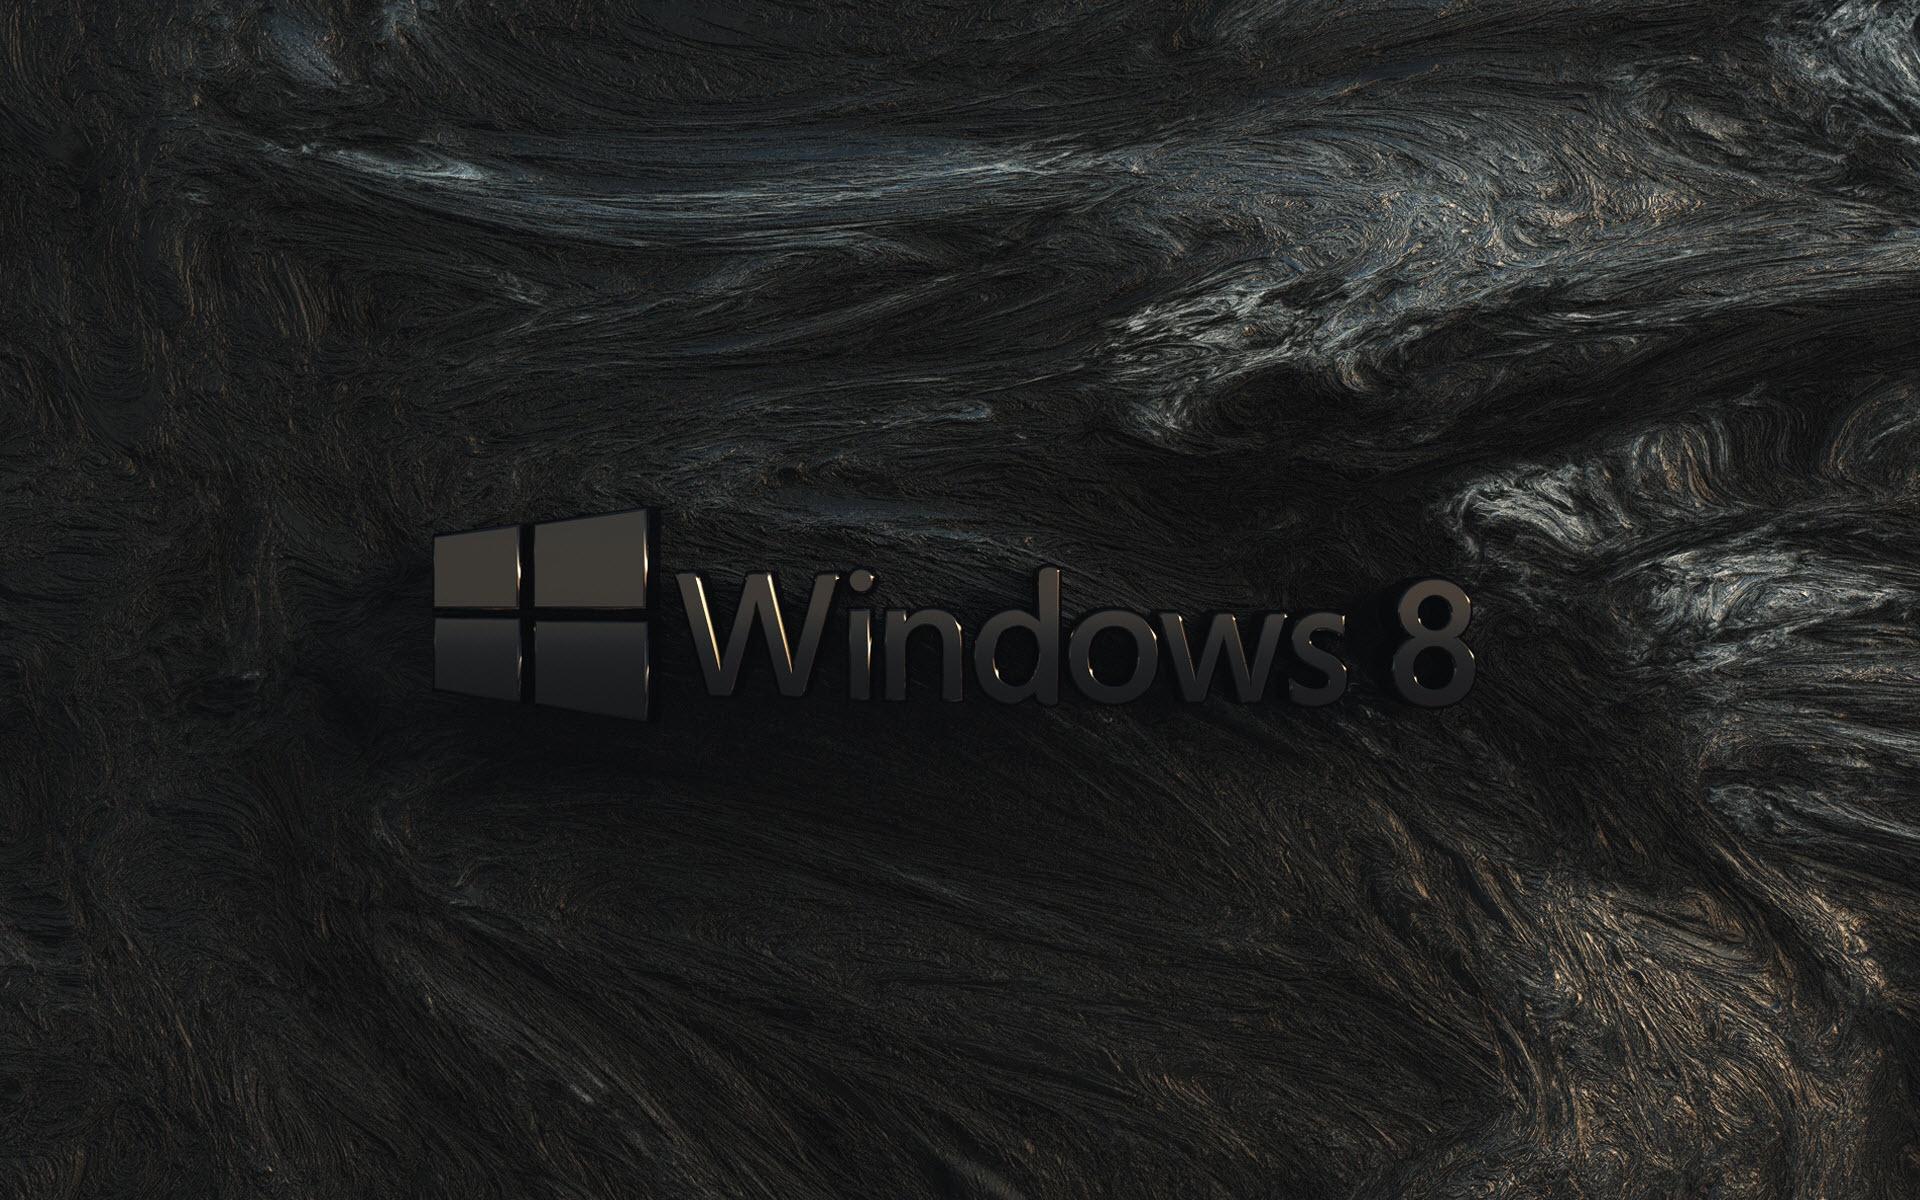 windows 8 wallpapers hd for desktop 39 wallpapers